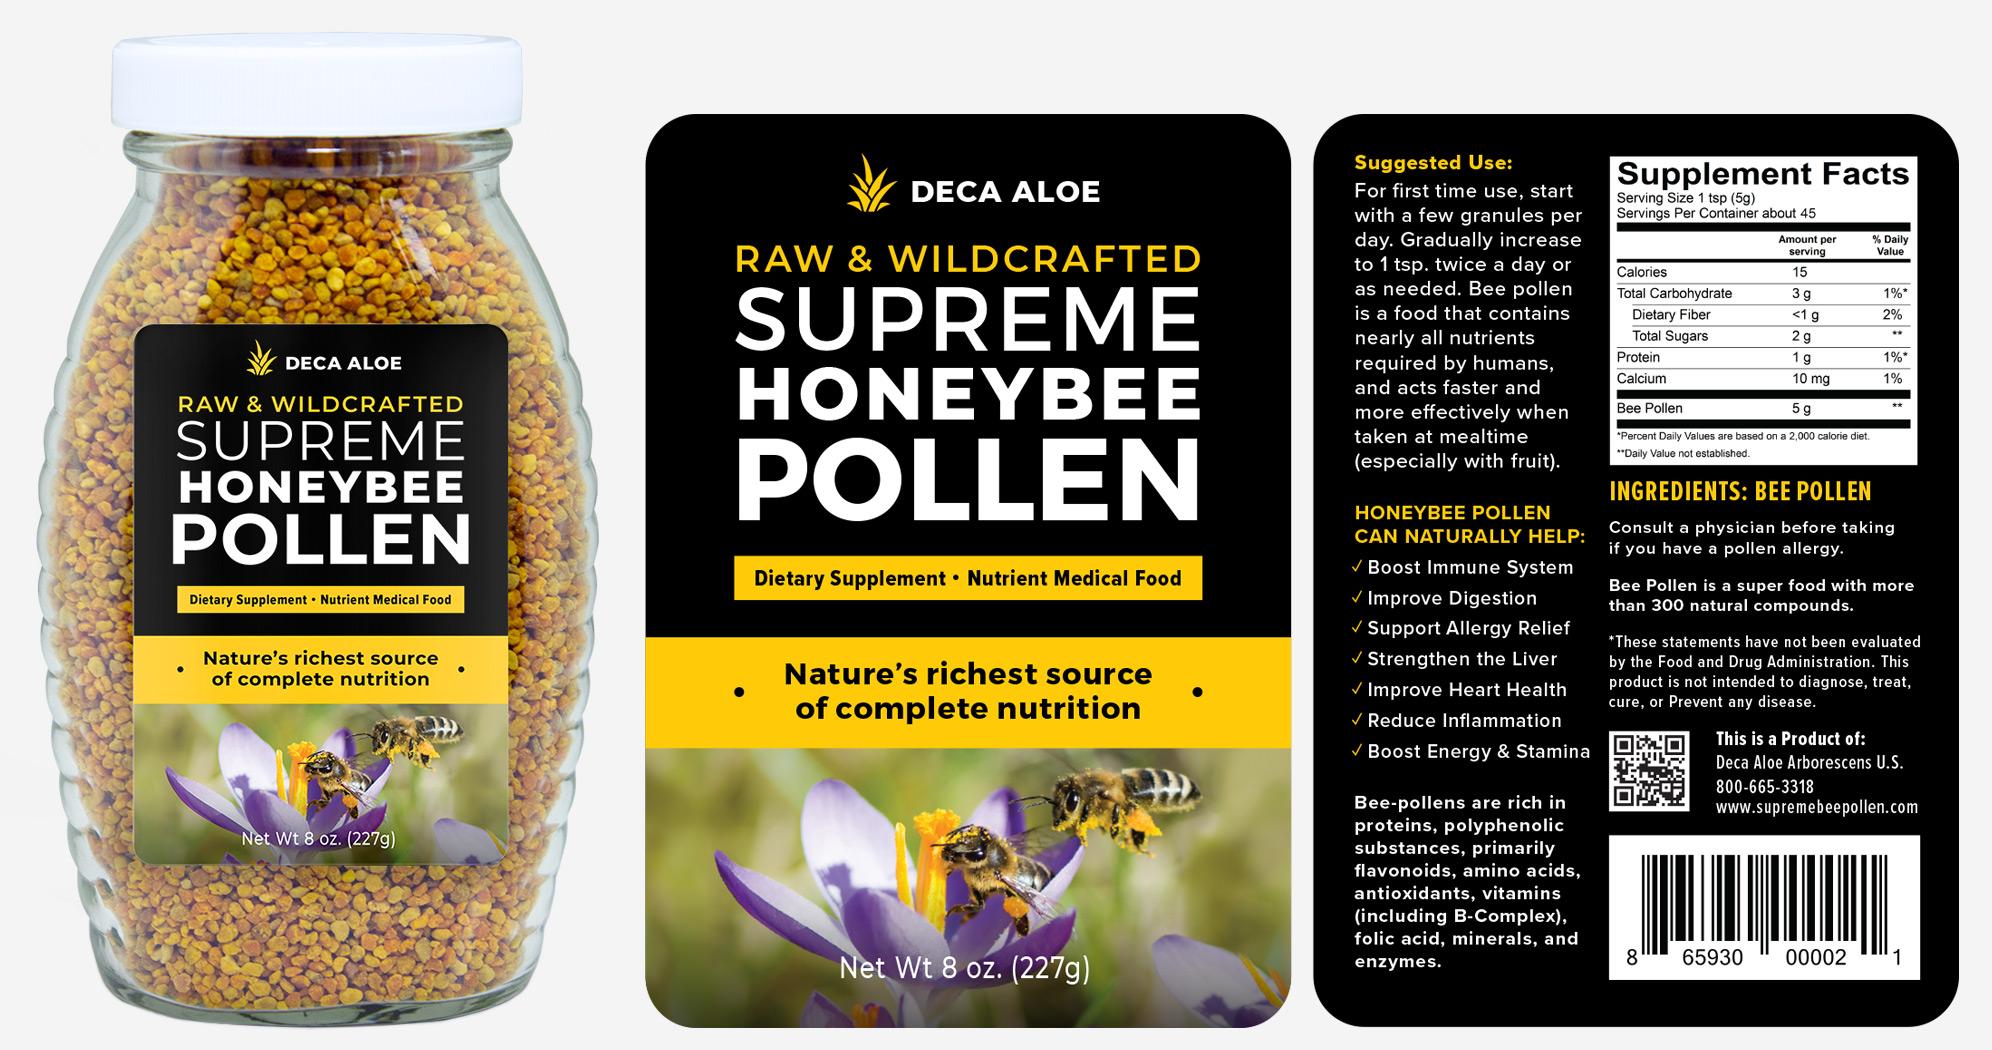 Supreme Honeybee Pollen Product Label